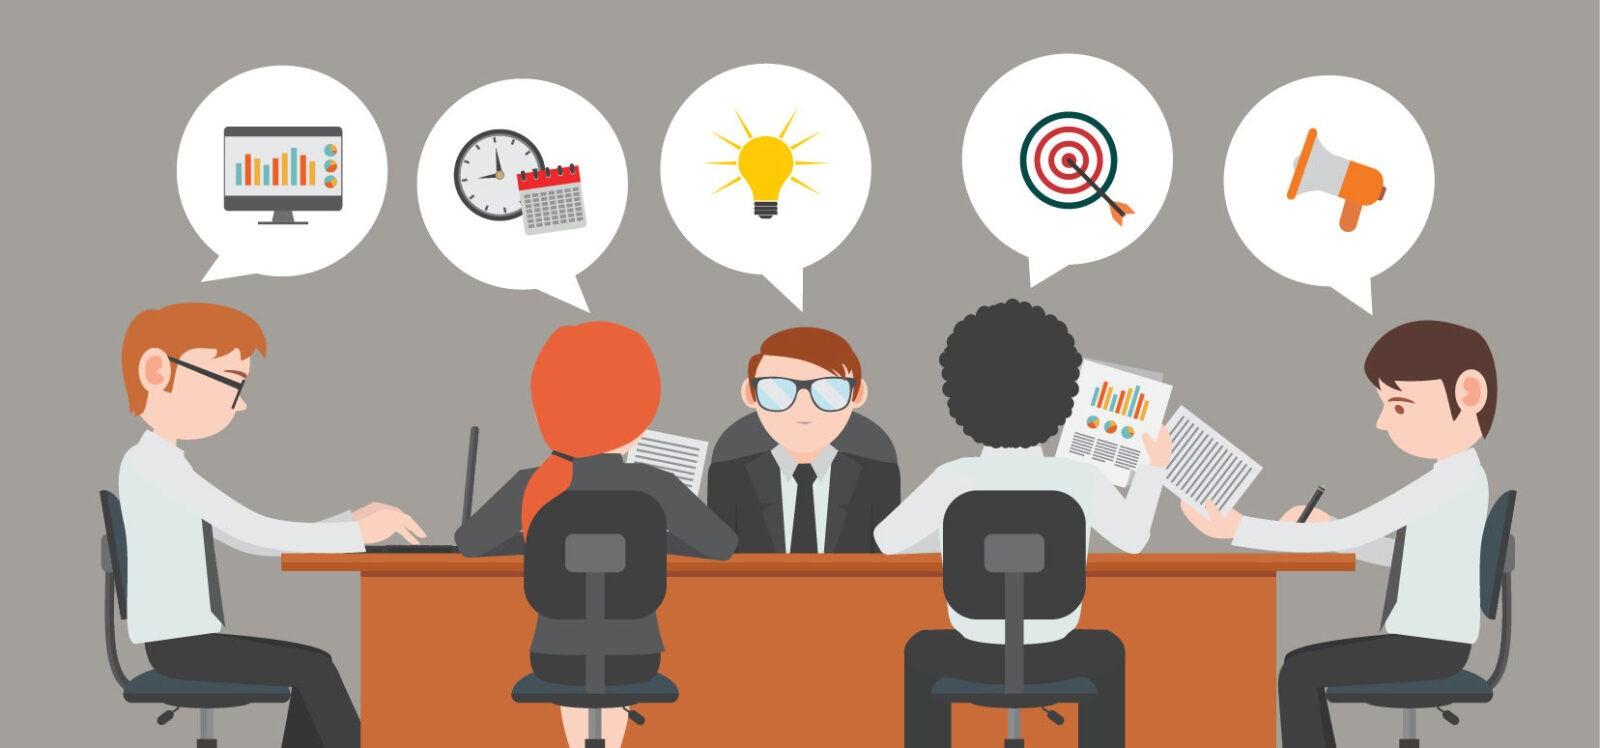 Как оценить преимущества и недостатки конкурентов